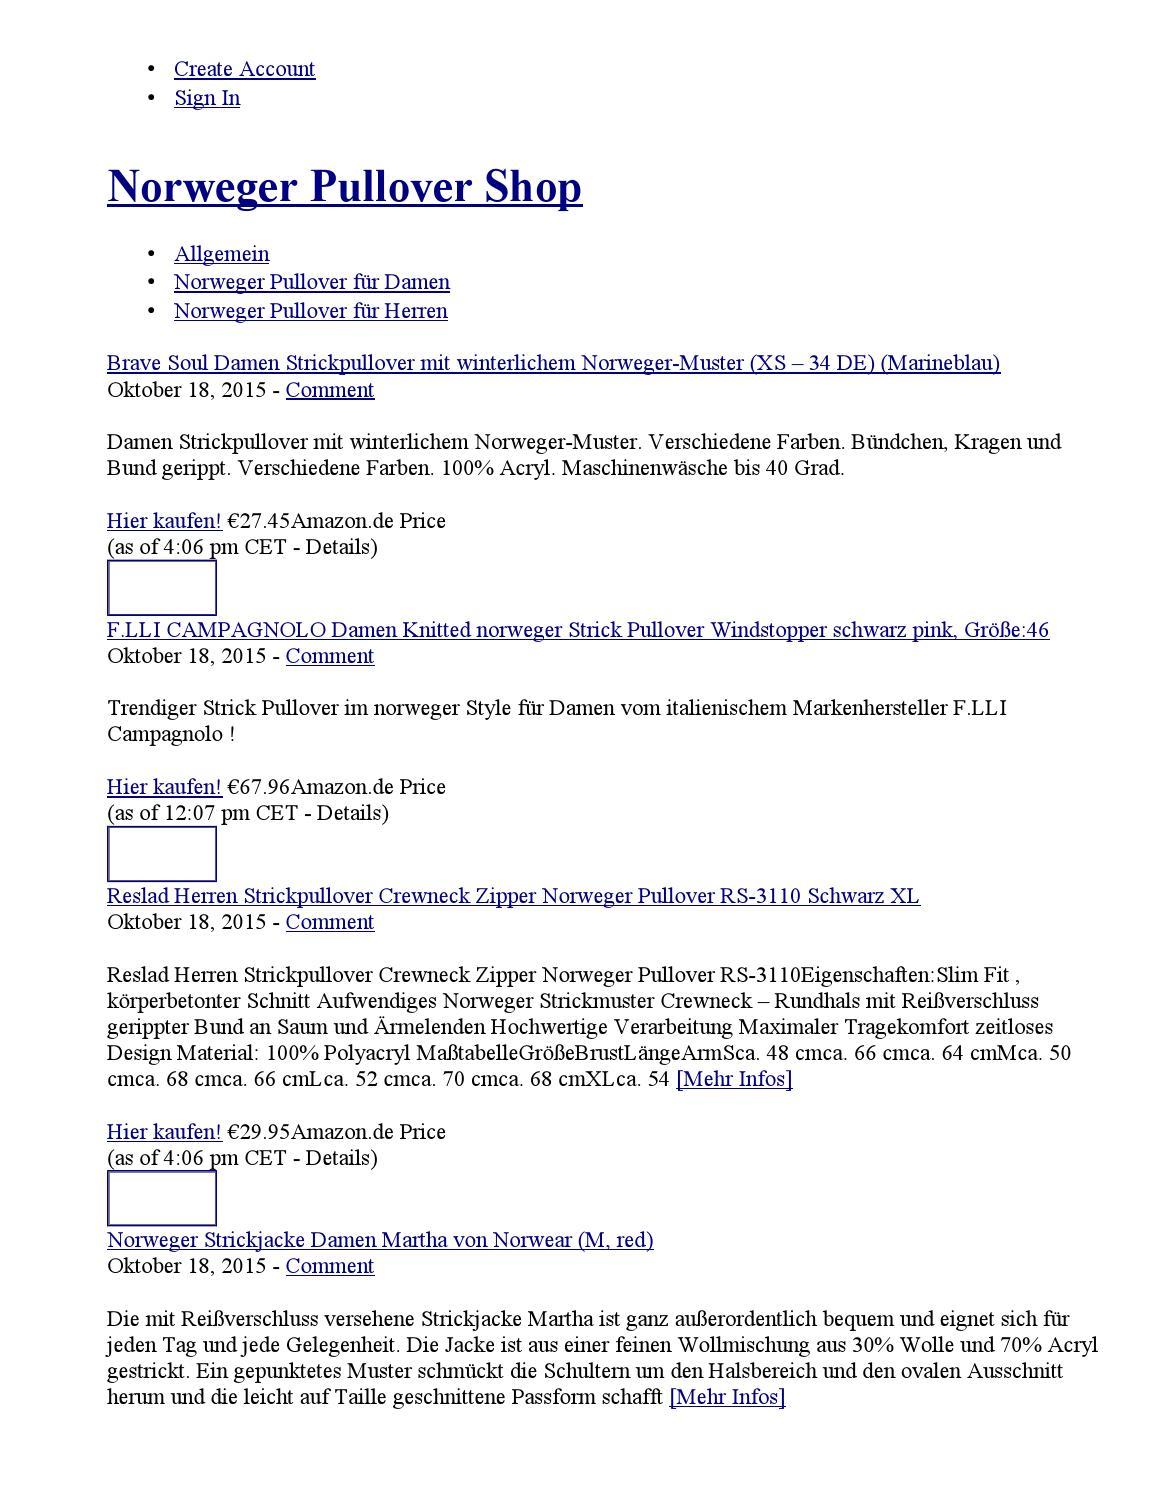 NEBULUS NORWEGER PULLOVER NORSKA WINDBREAKER Damen schwarz warm Gr??e L40 (Q663)